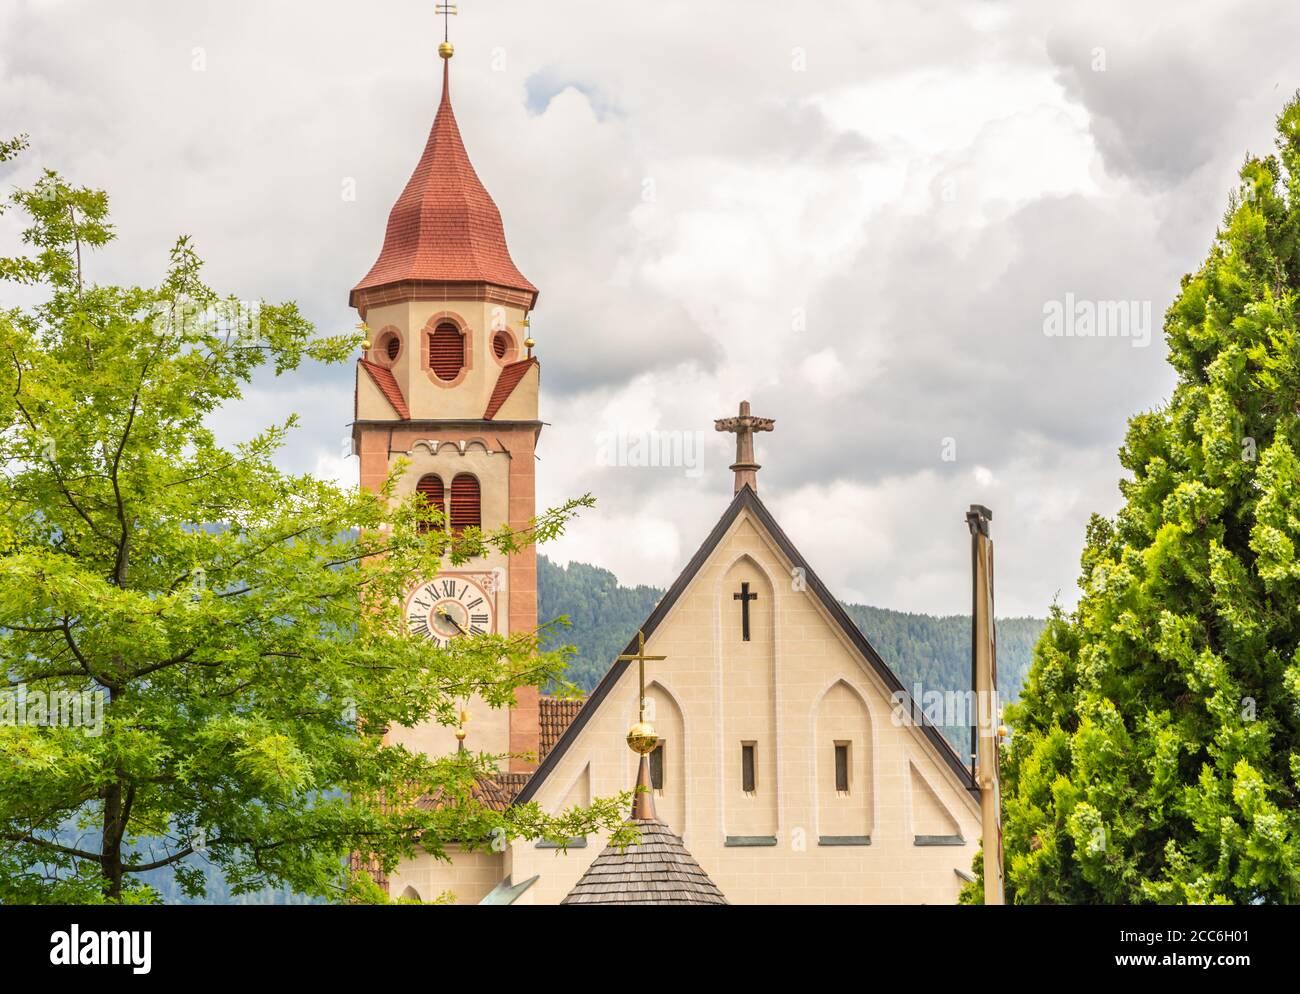 L'église Saint-Jean-Baptiste dans le Dorf Tirol, près de Meran, au sud du Tyrol, au nord de l'Italie. Détail du toit et du clocher. Banque D'Images